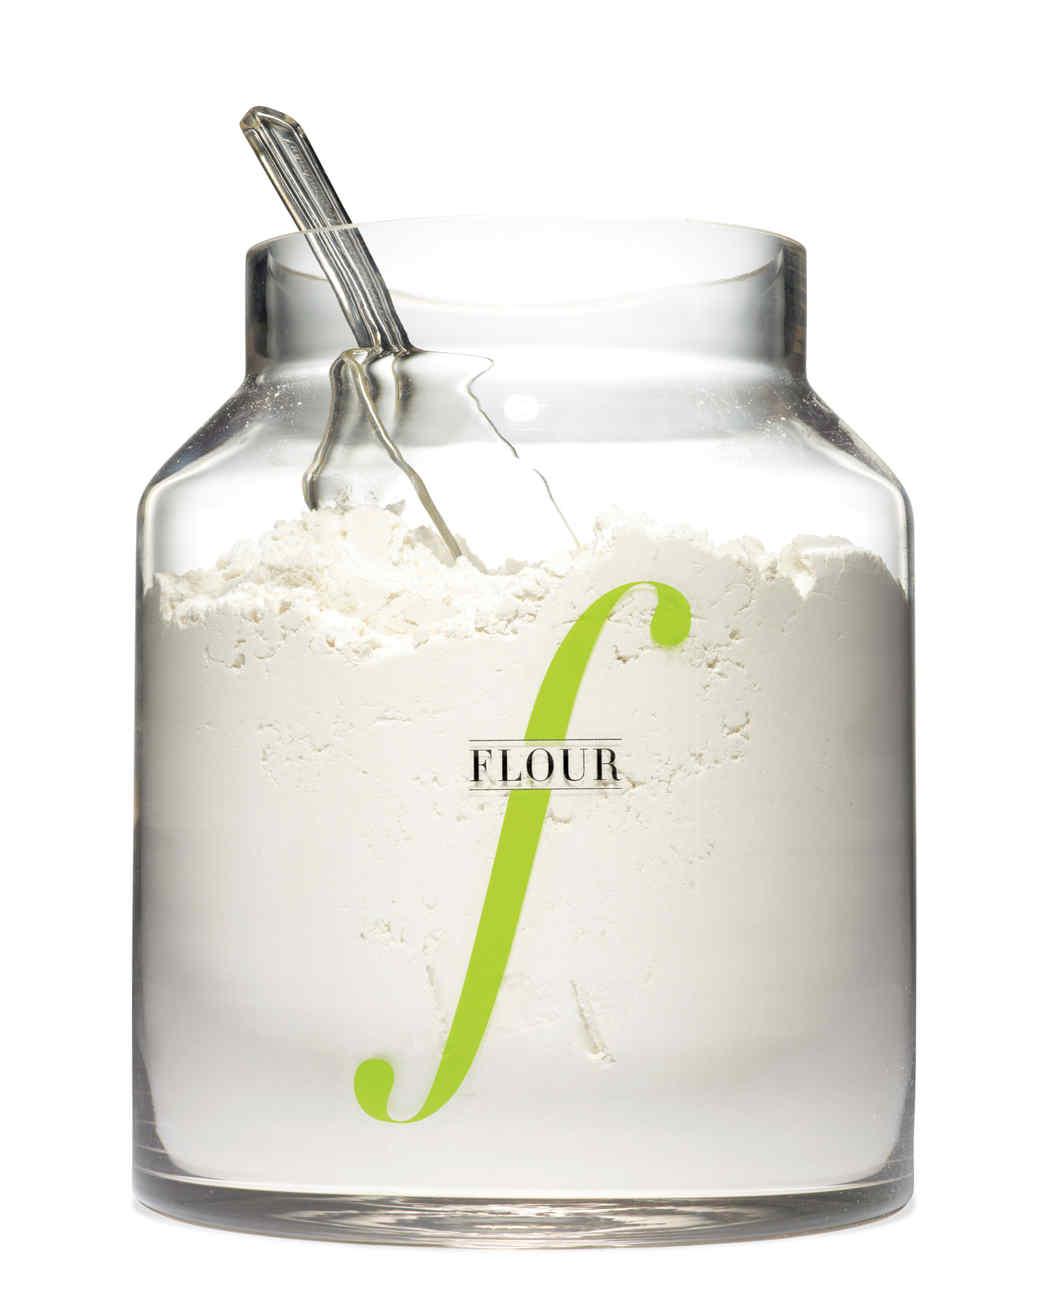 flour-md108265.jpg